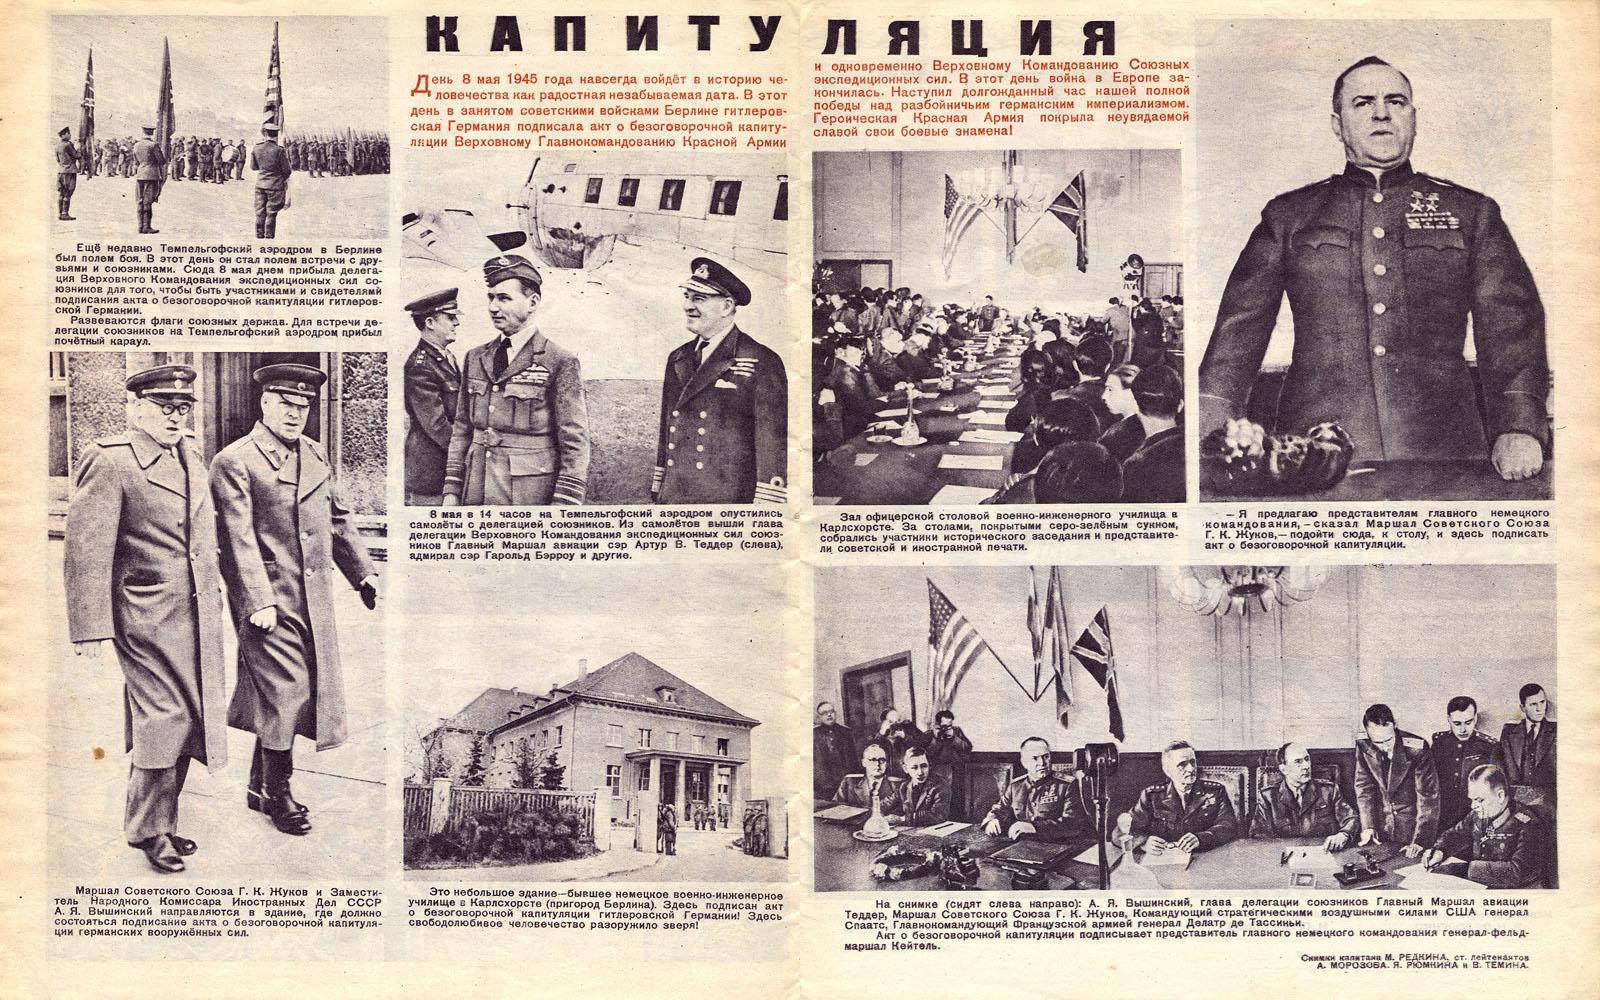 Картинки по запросу 1945 - Подписан окончательный Акт о безоговорочной капитуляции Германии, а 9 мая объявлено Днем Победы.